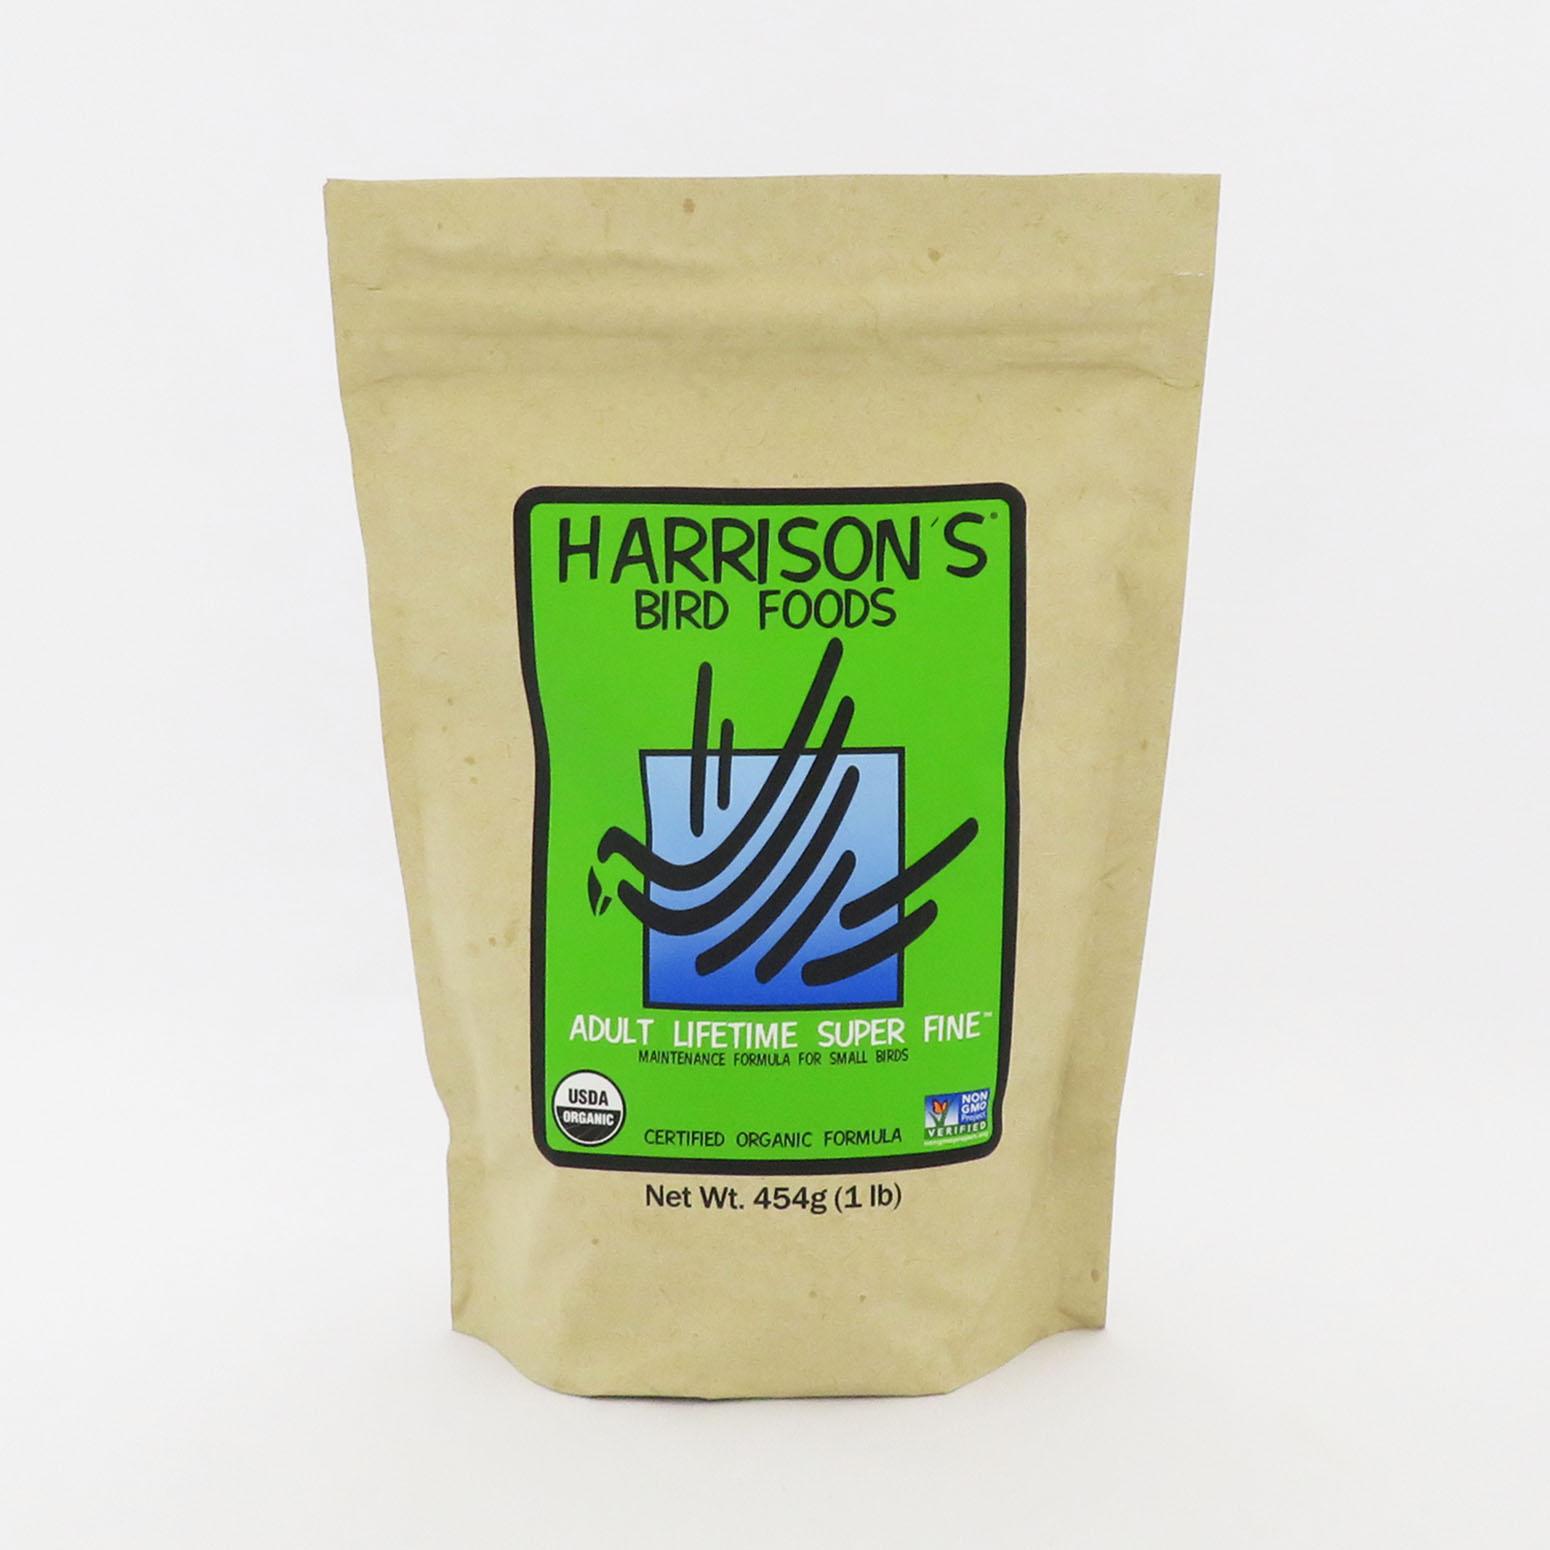 【Harrison】アダルトライフタイム スーパーファイン[極小粒]454g